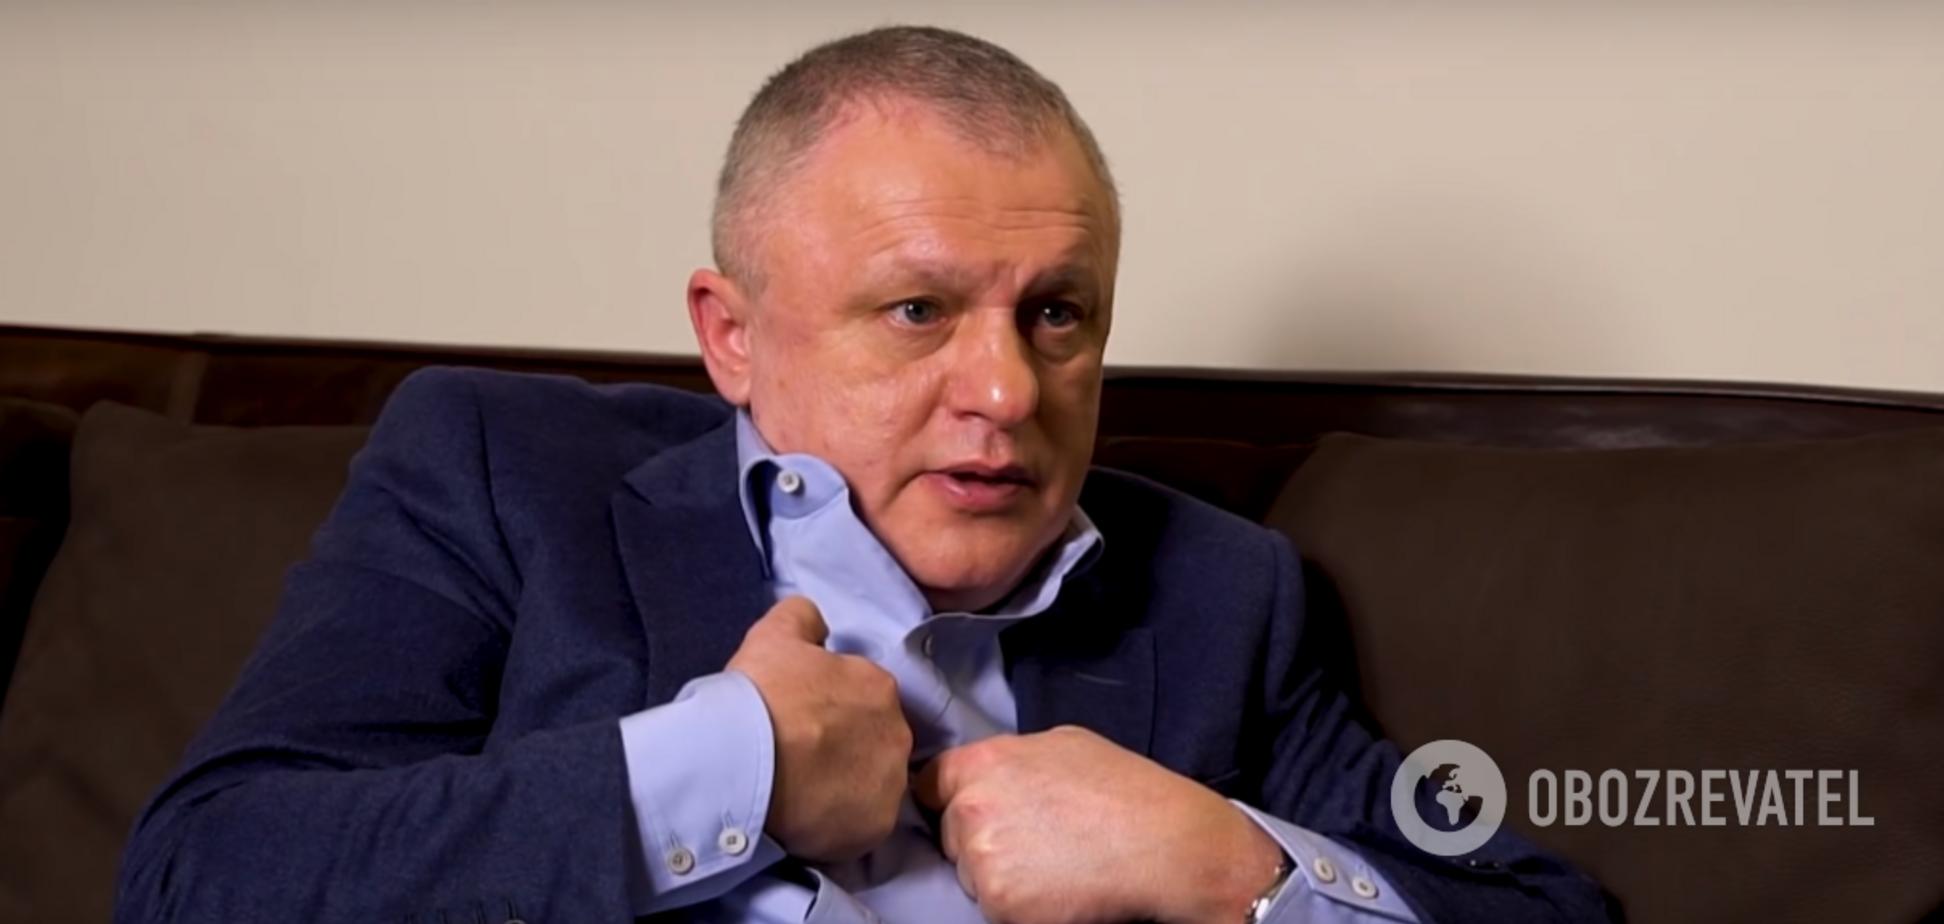 'Не вміє судити': Суркіс різко висловився про матч 'Динамо' — 'Шахтар'